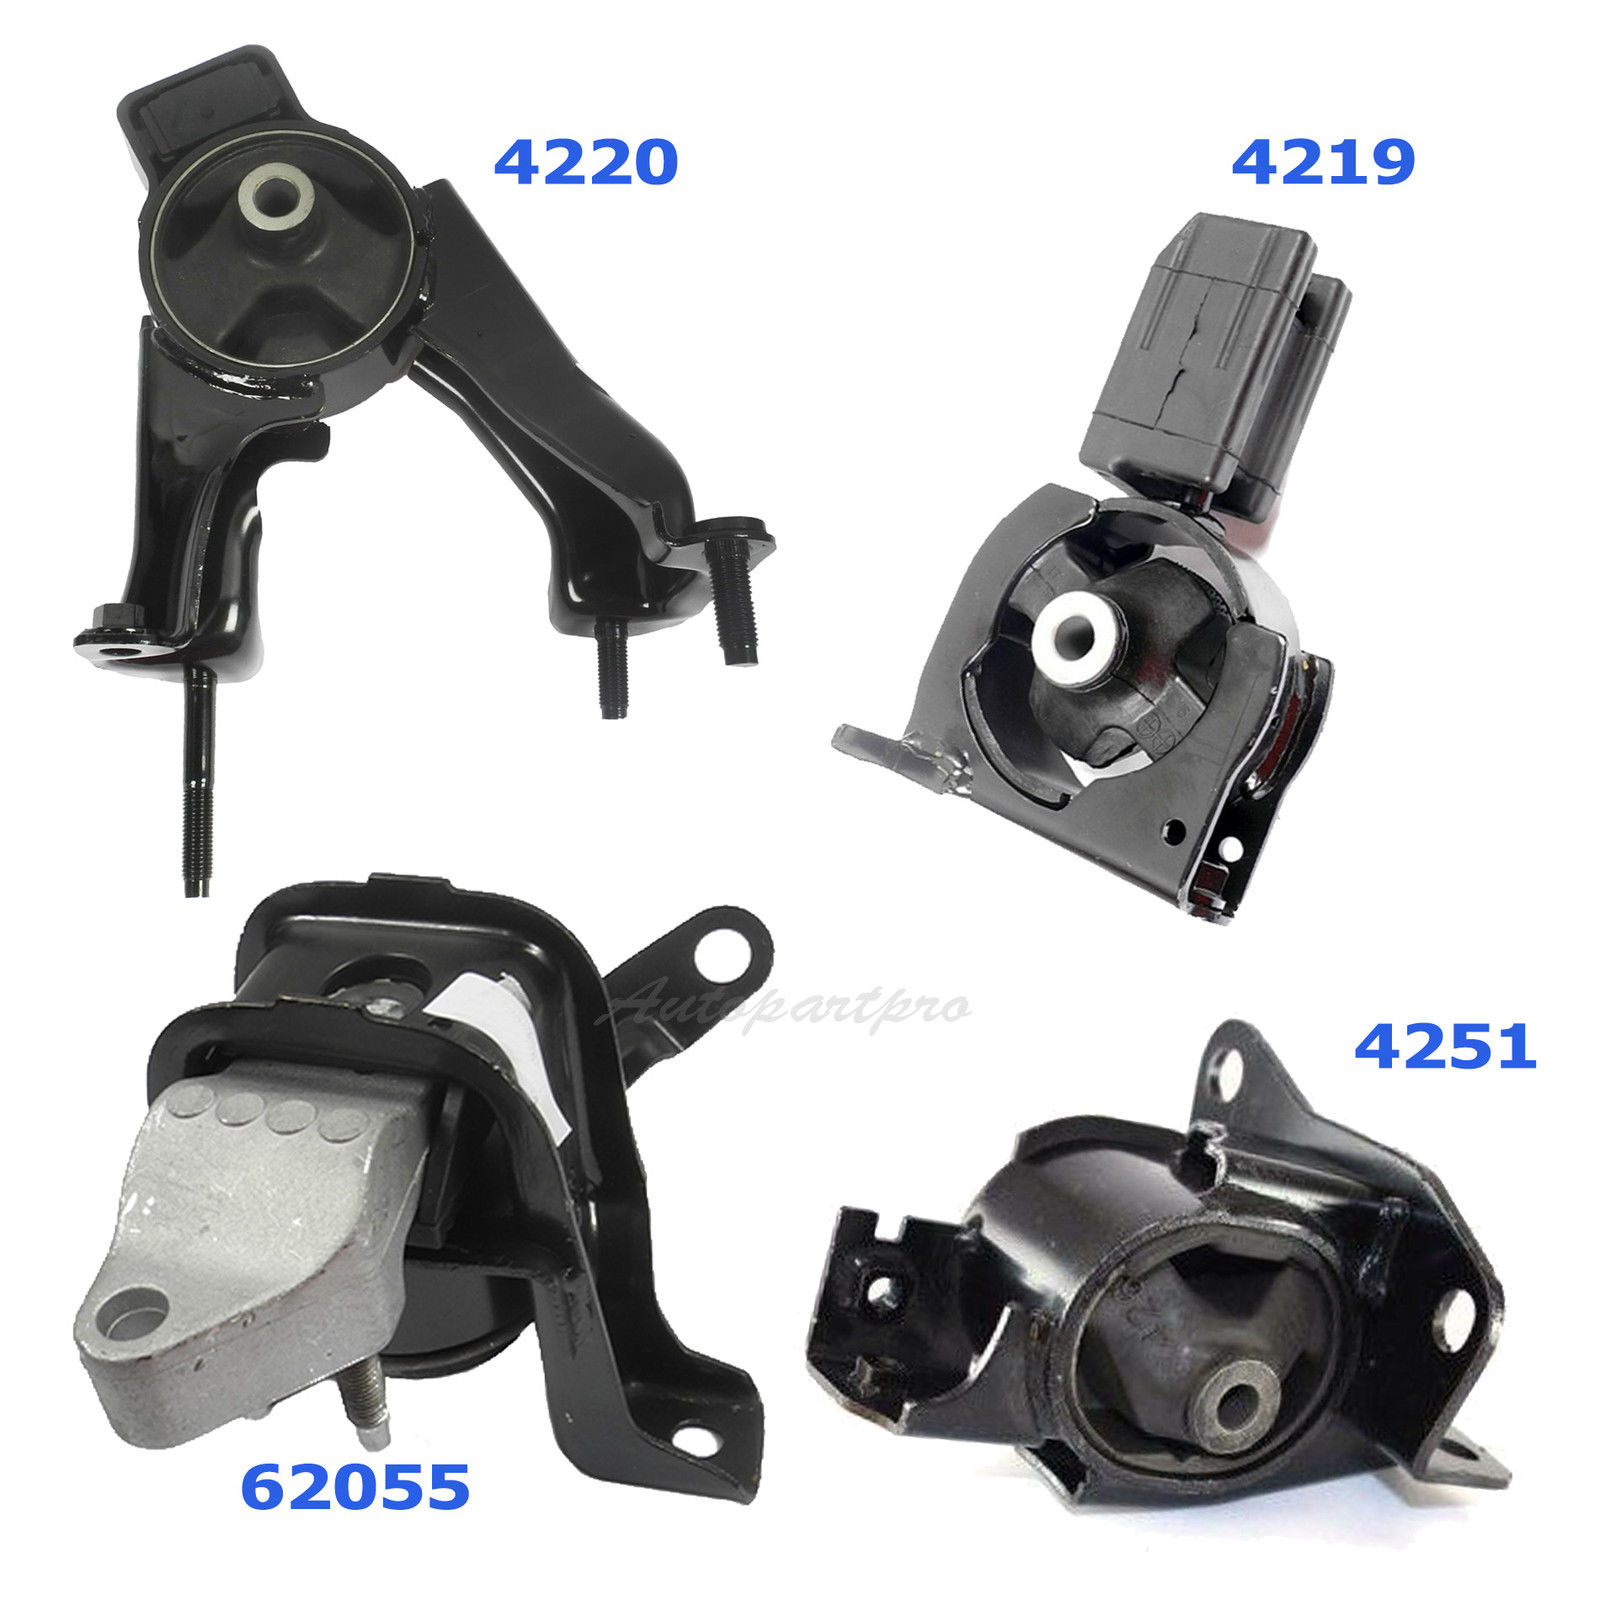 4PCS Set Engine Motor /& Transmission Mount 2000-2005 For Celica GT 1.8L M1313